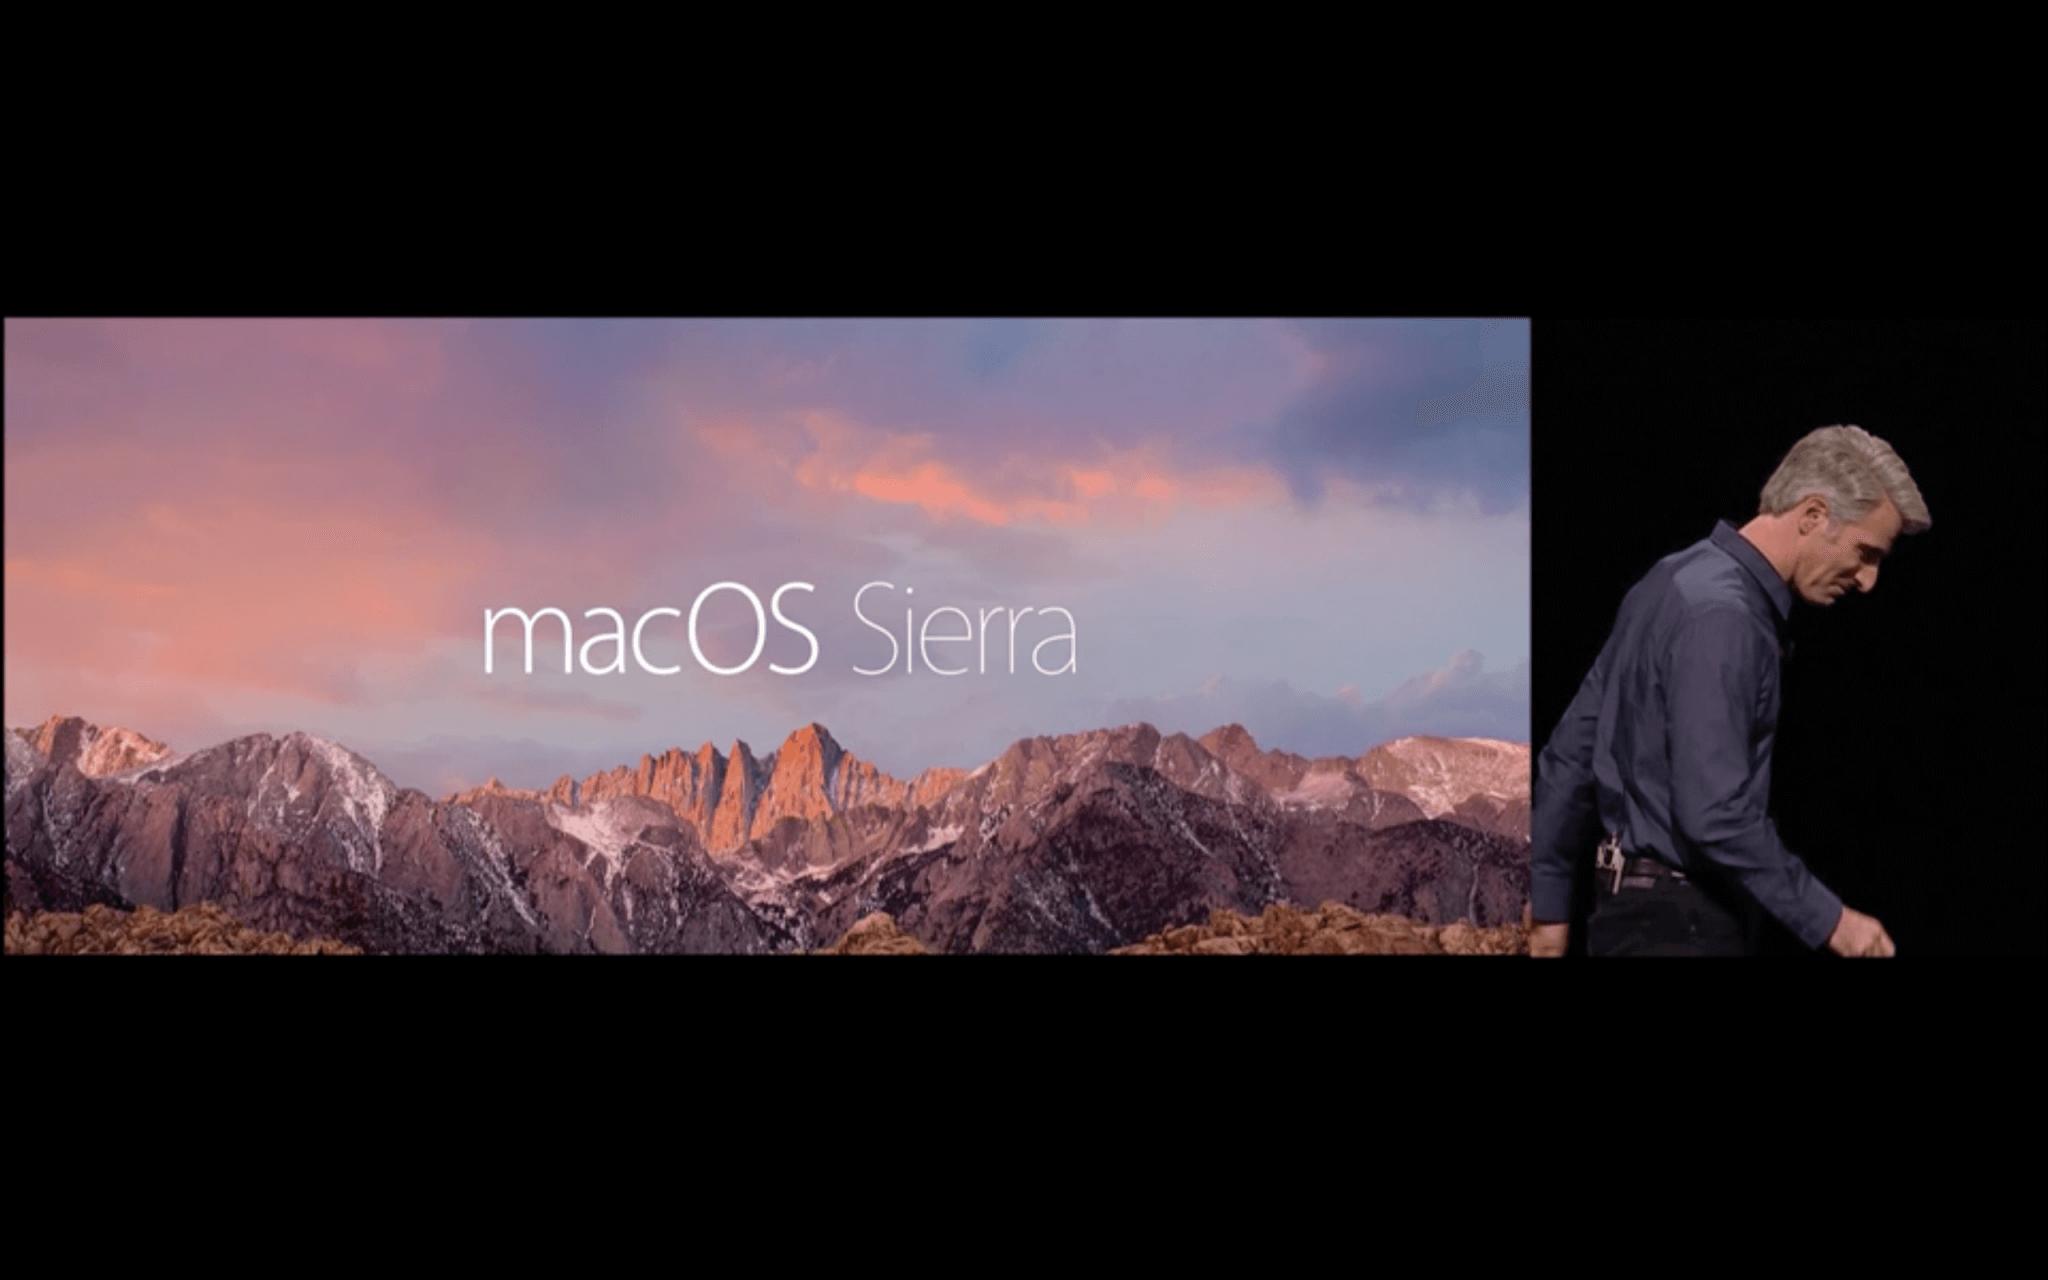 Das neue OS X heißt macOS Sierra (Screenshot von Apples Livestream)